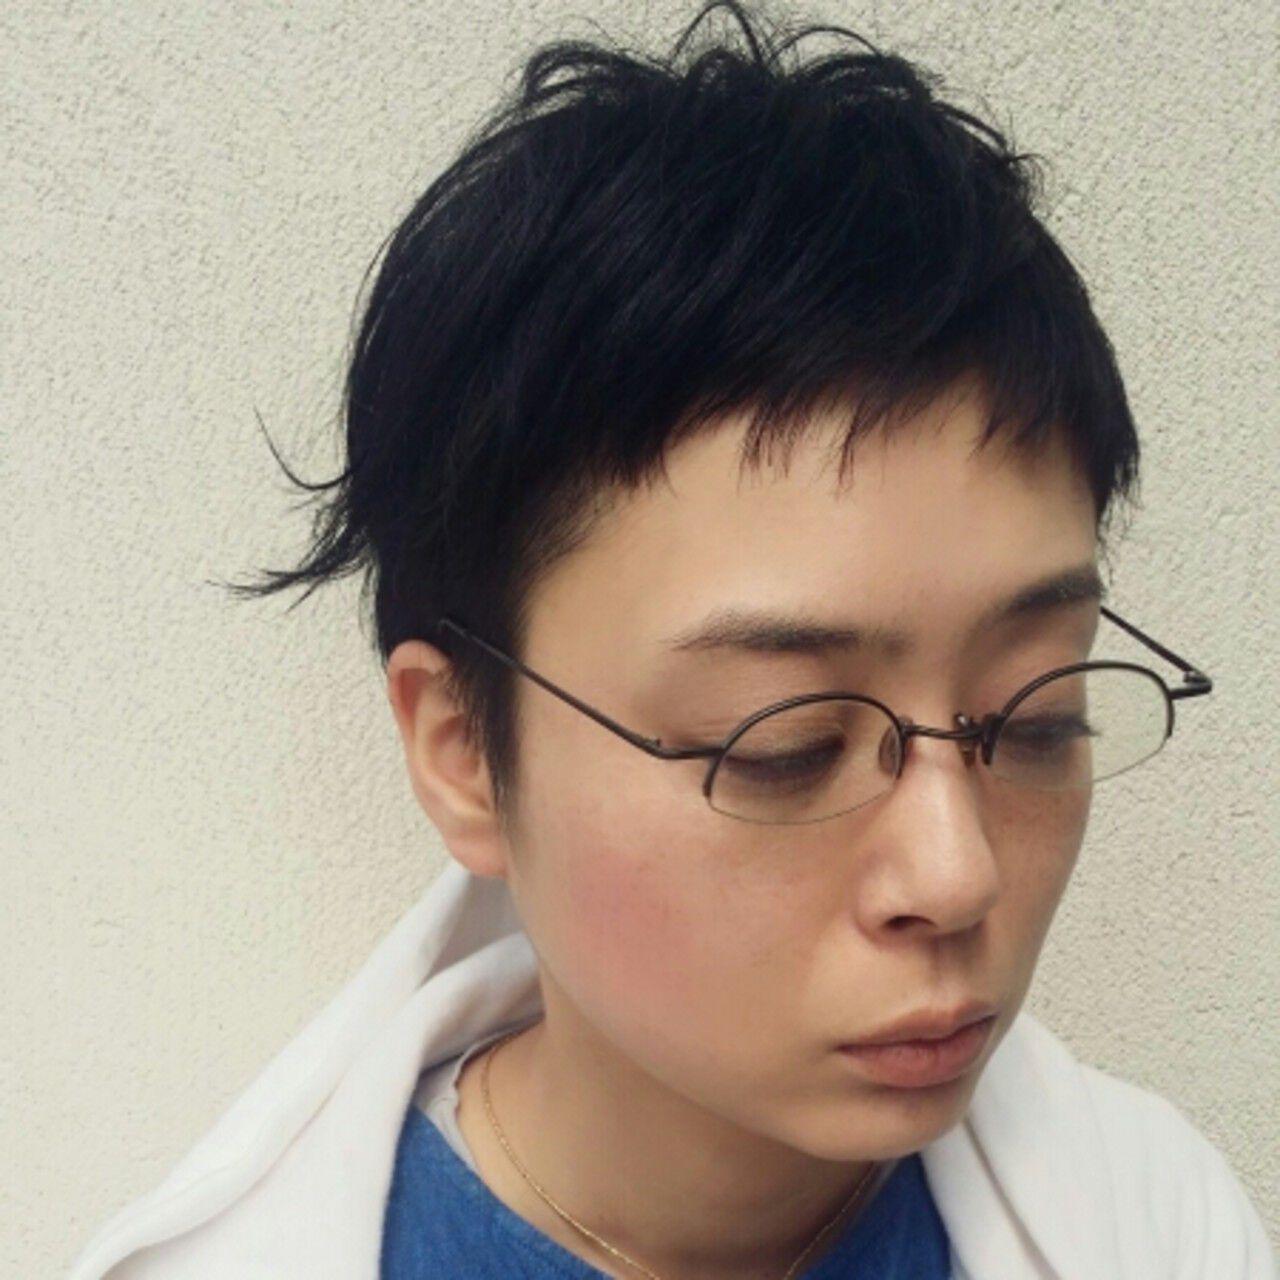 小顔 オン眉 ナチュラル 黒髪ヘアスタイルや髪型の写真・画像